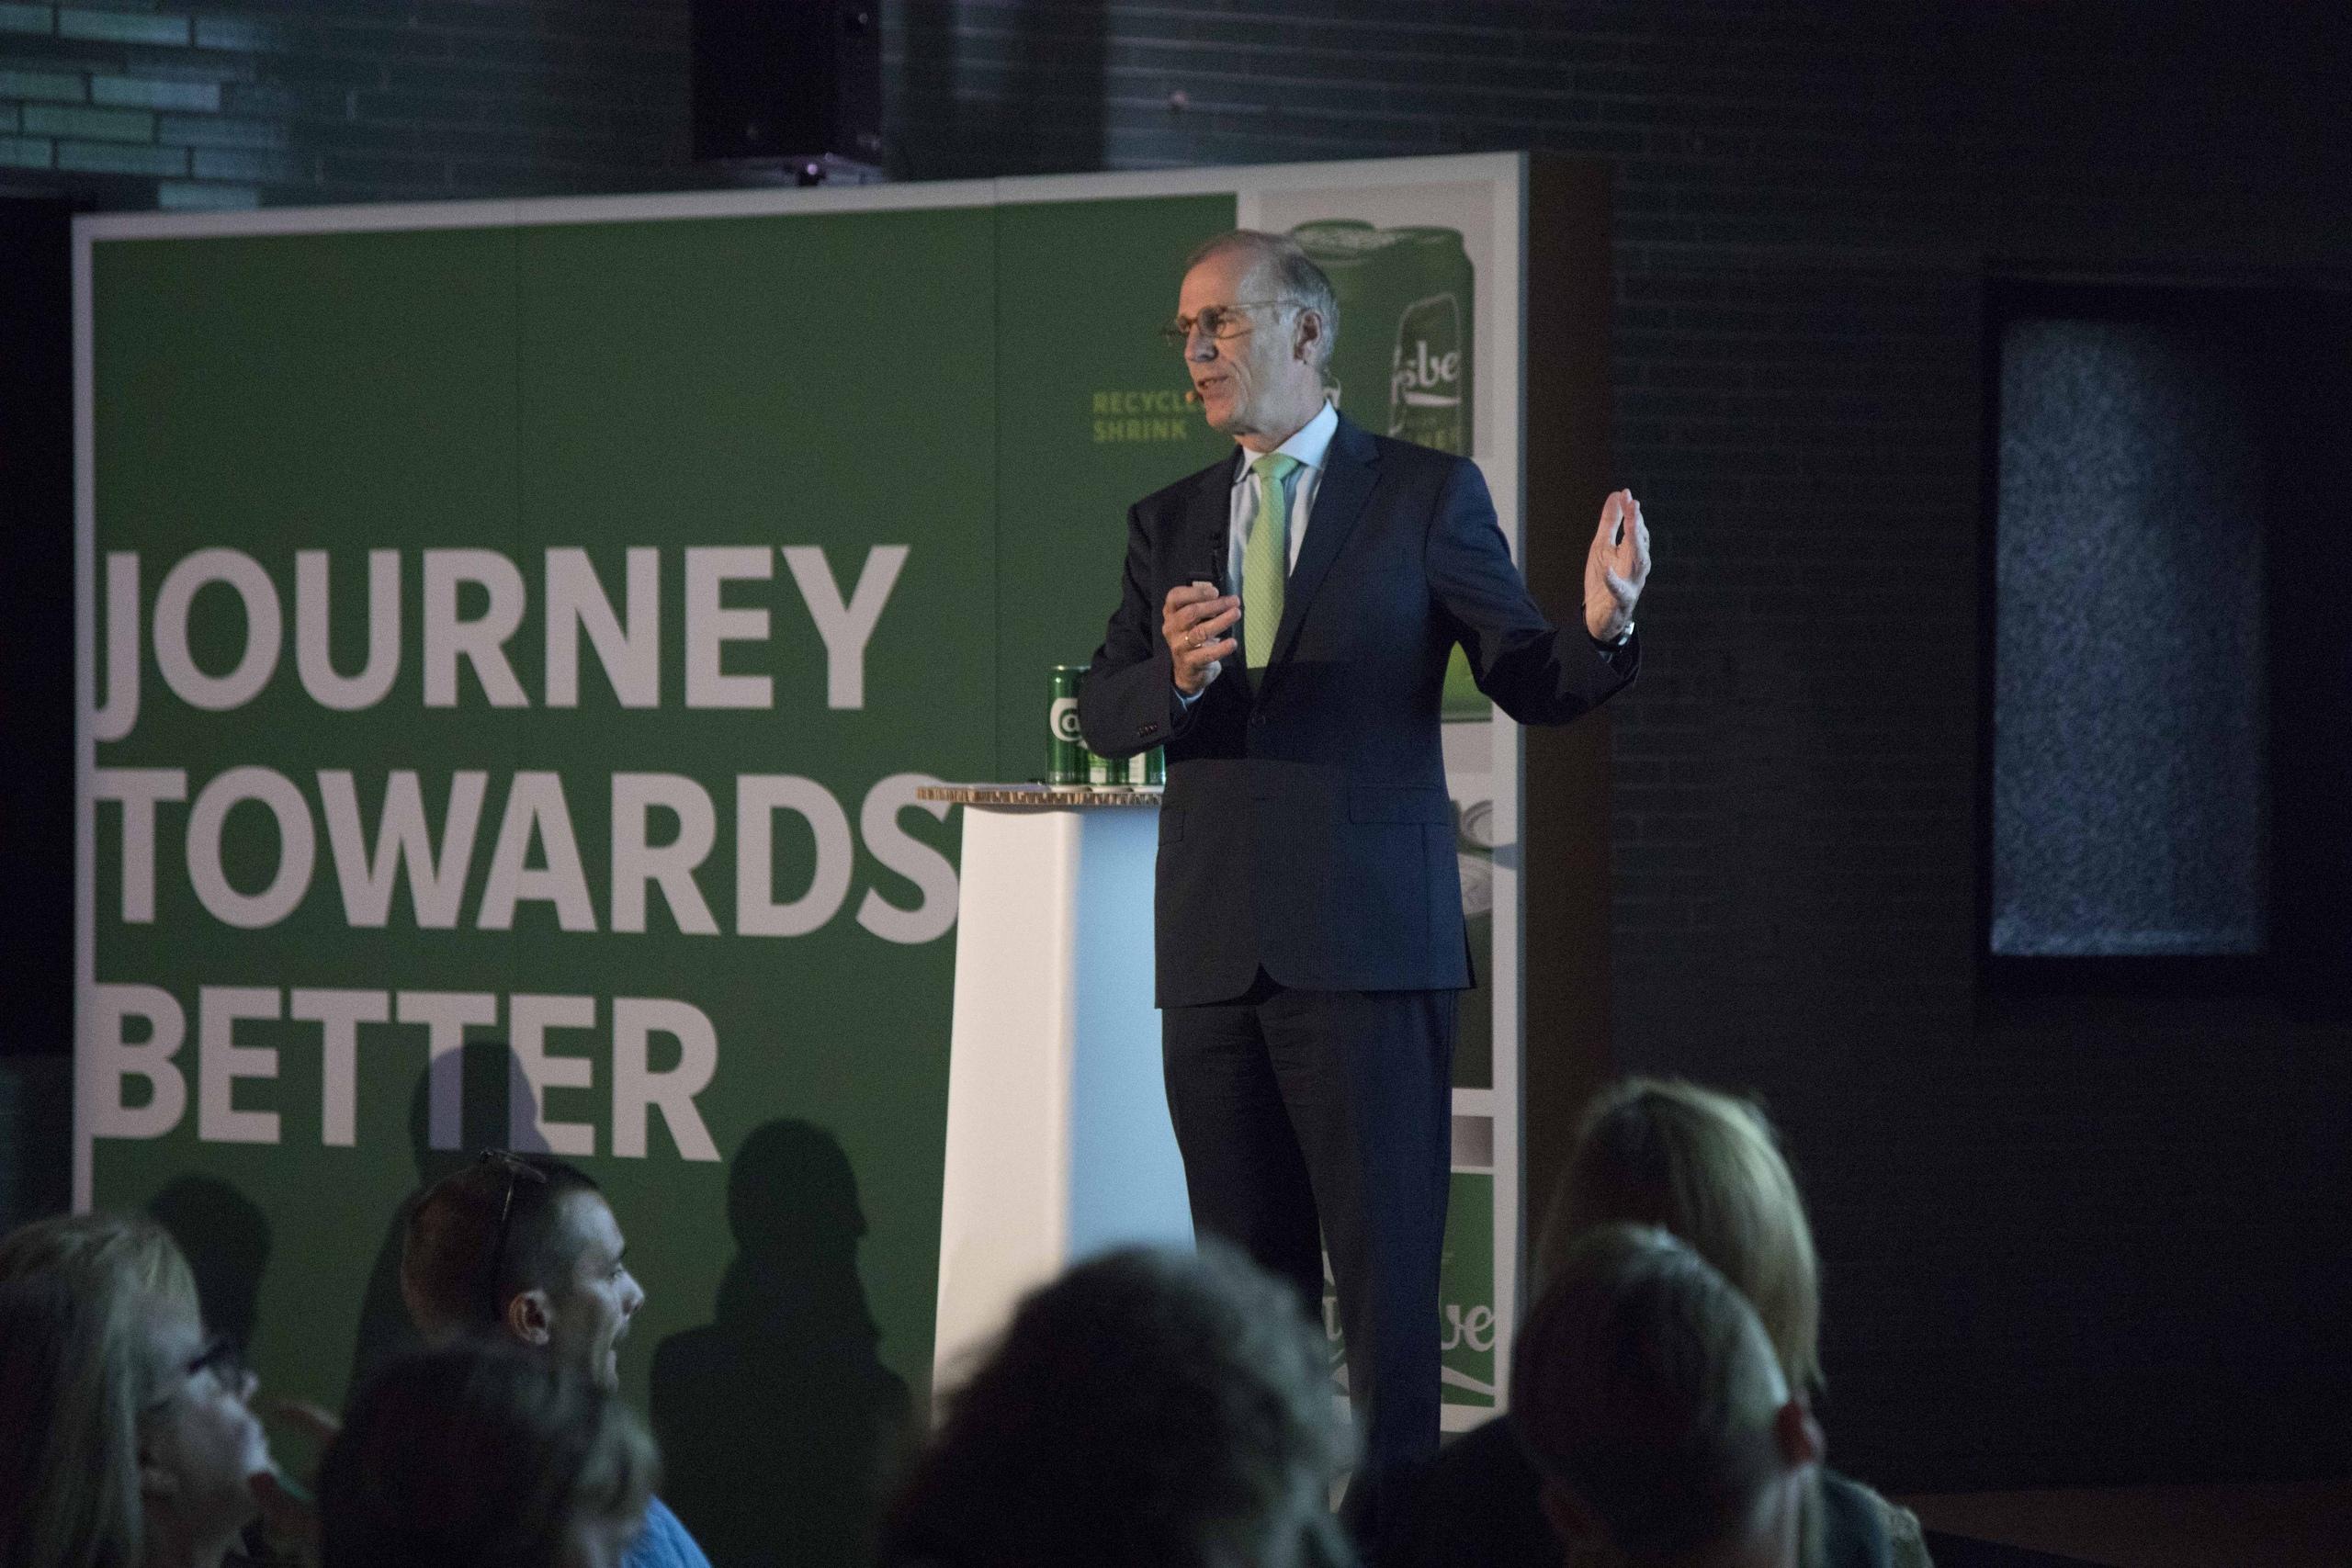 Carlsberg внедряет передовые инновации, чтобы сократить отходы пластика